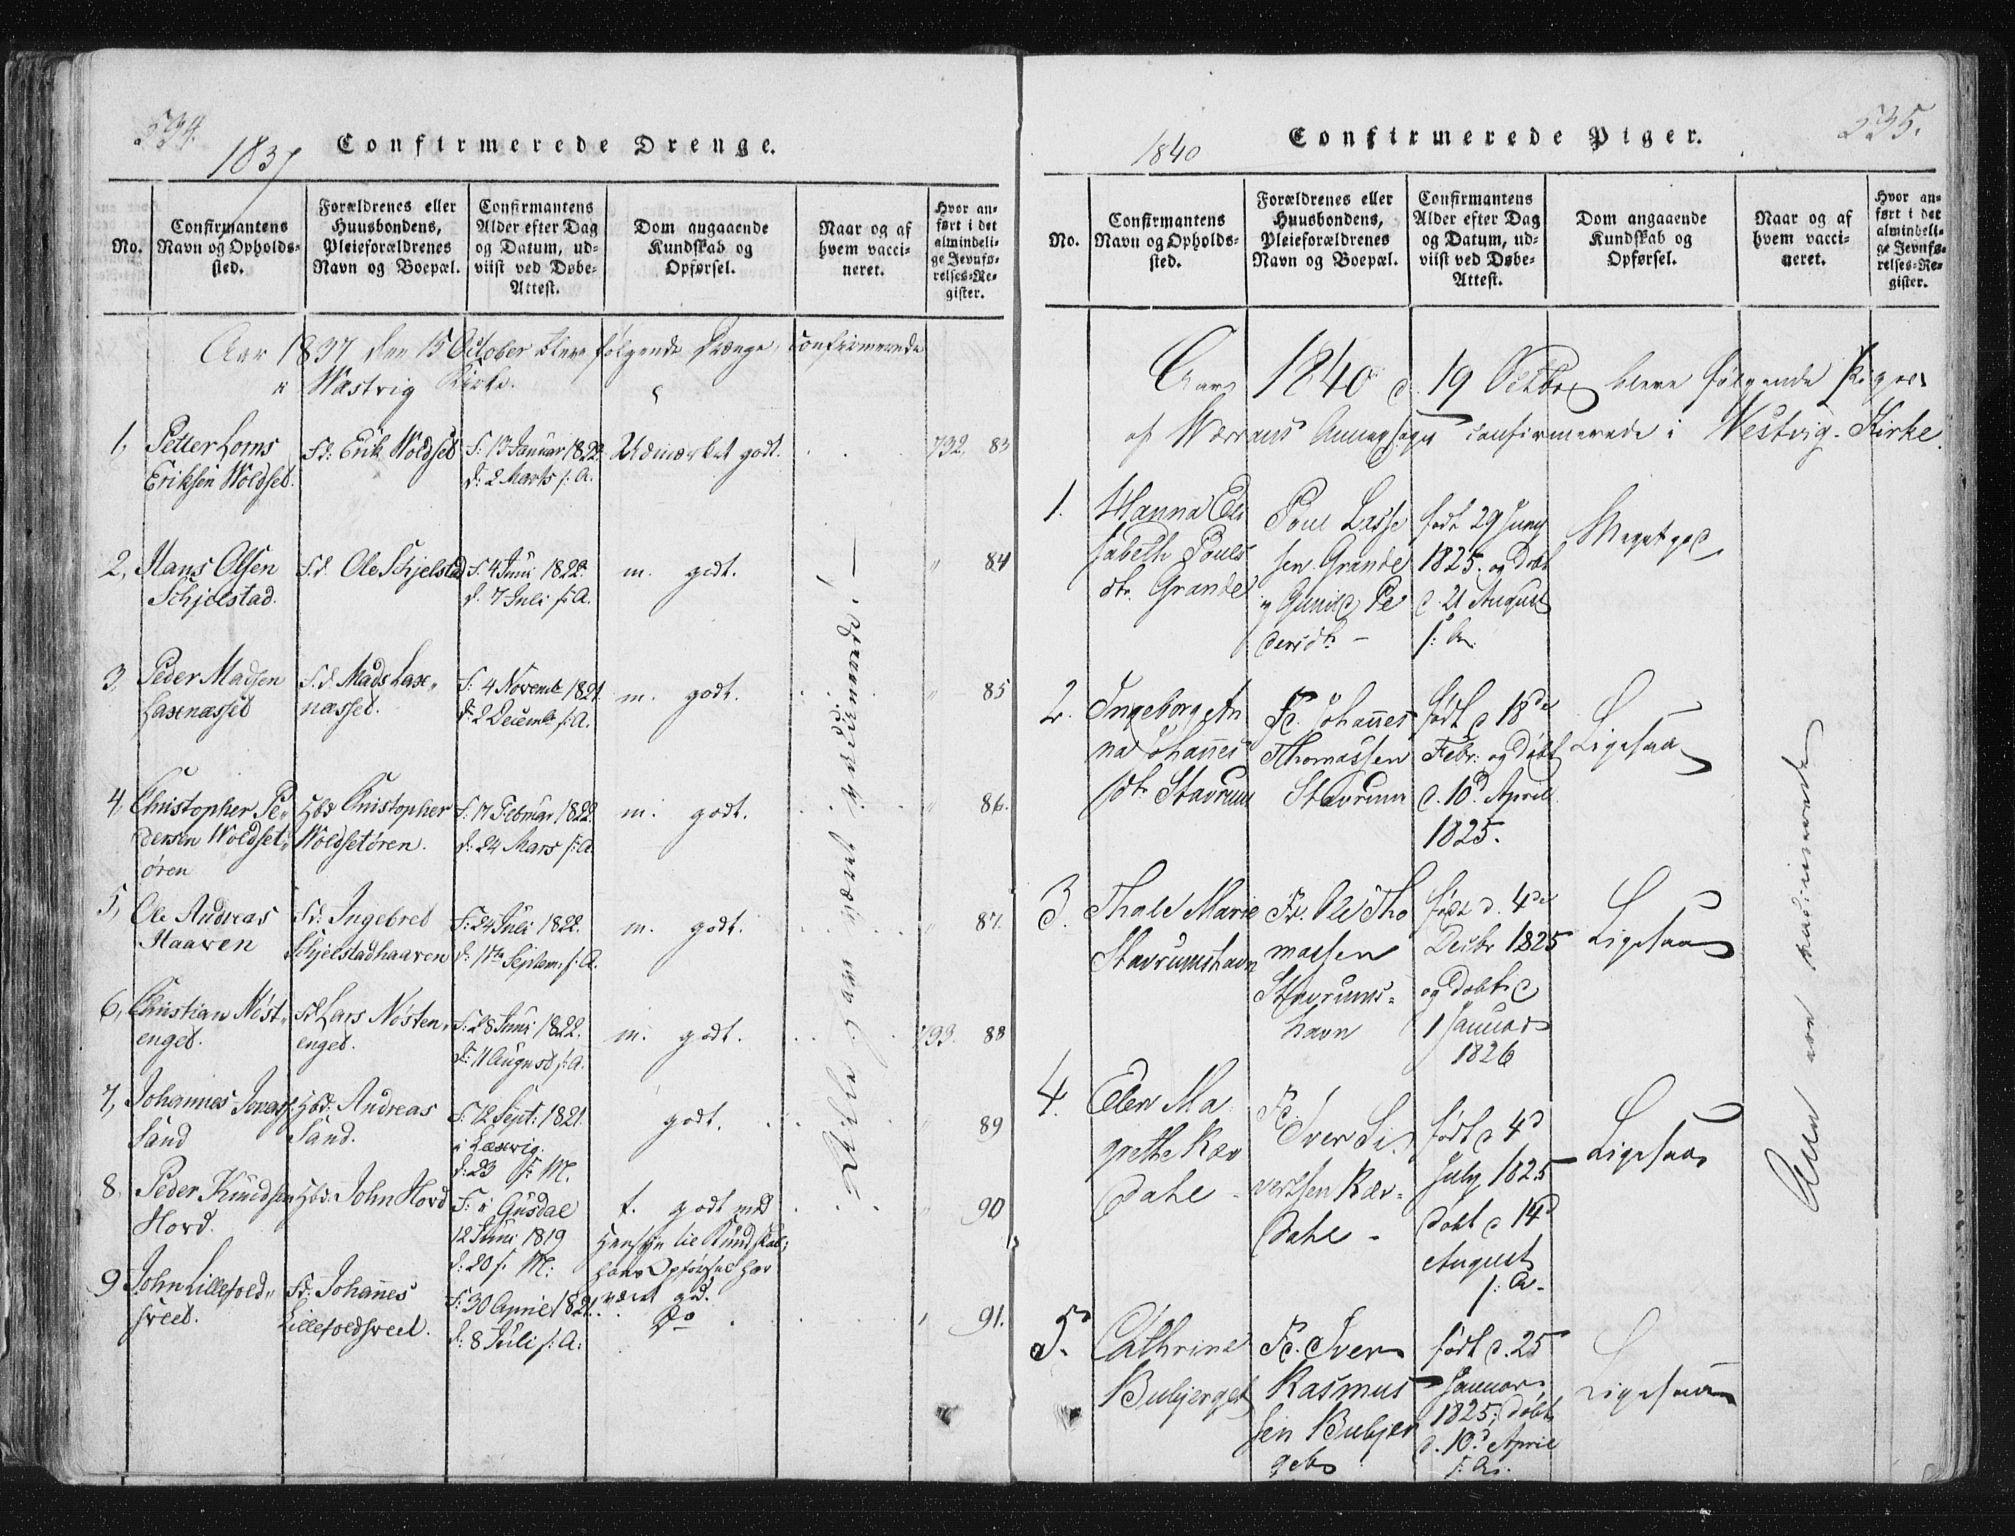 SAT, Ministerialprotokoller, klokkerbøker og fødselsregistre - Nord-Trøndelag, 744/L0417: Ministerialbok nr. 744A01, 1817-1842, s. 534-535